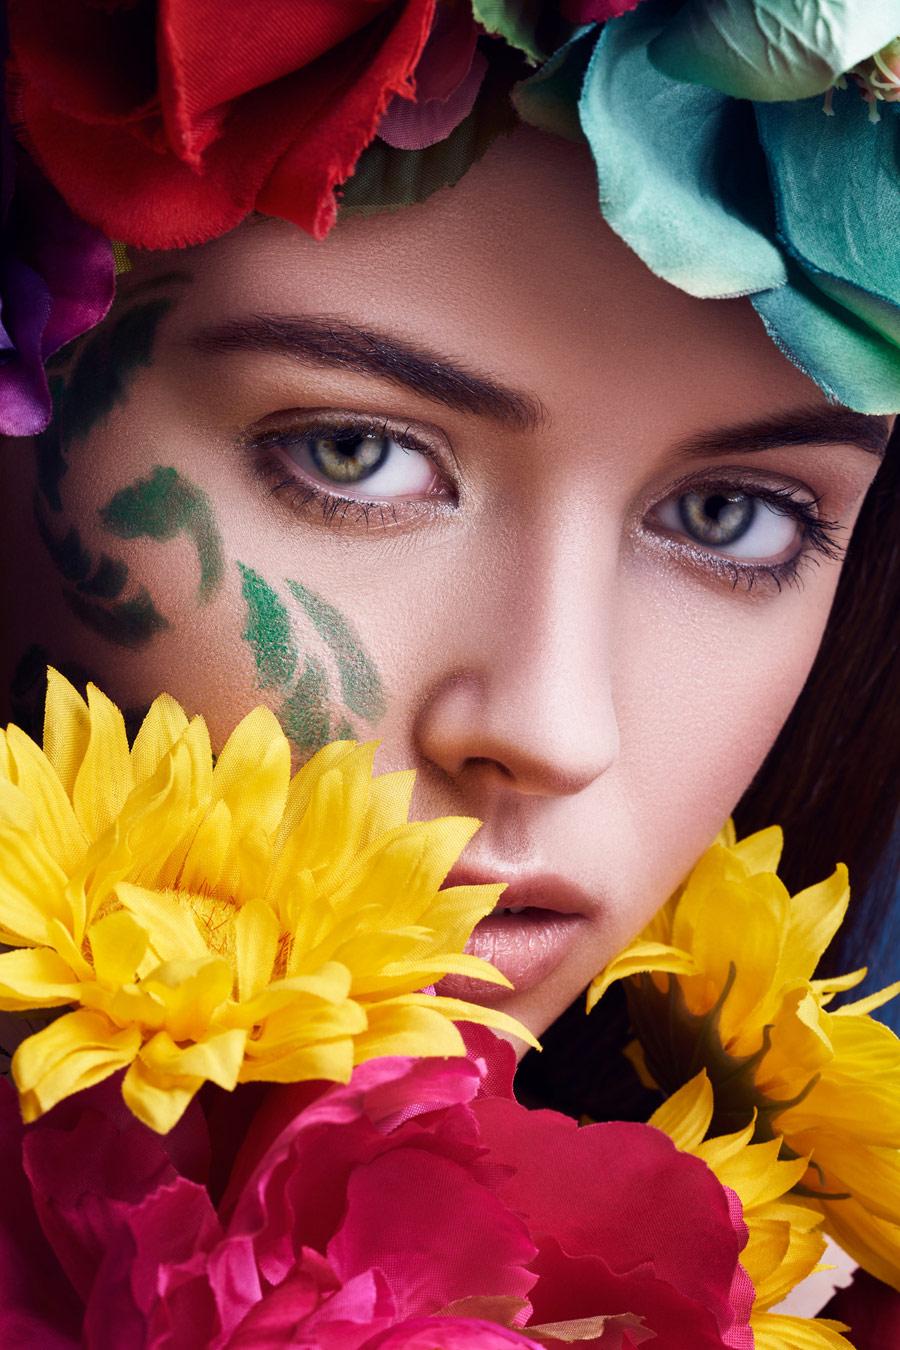 Дочь весны, © Рутвик Катури, Джерси-Сити, Нью-Джерси, США, Призёр категории «Красота / Гламур», Фотоконкурс «Портрет» — The Portrait